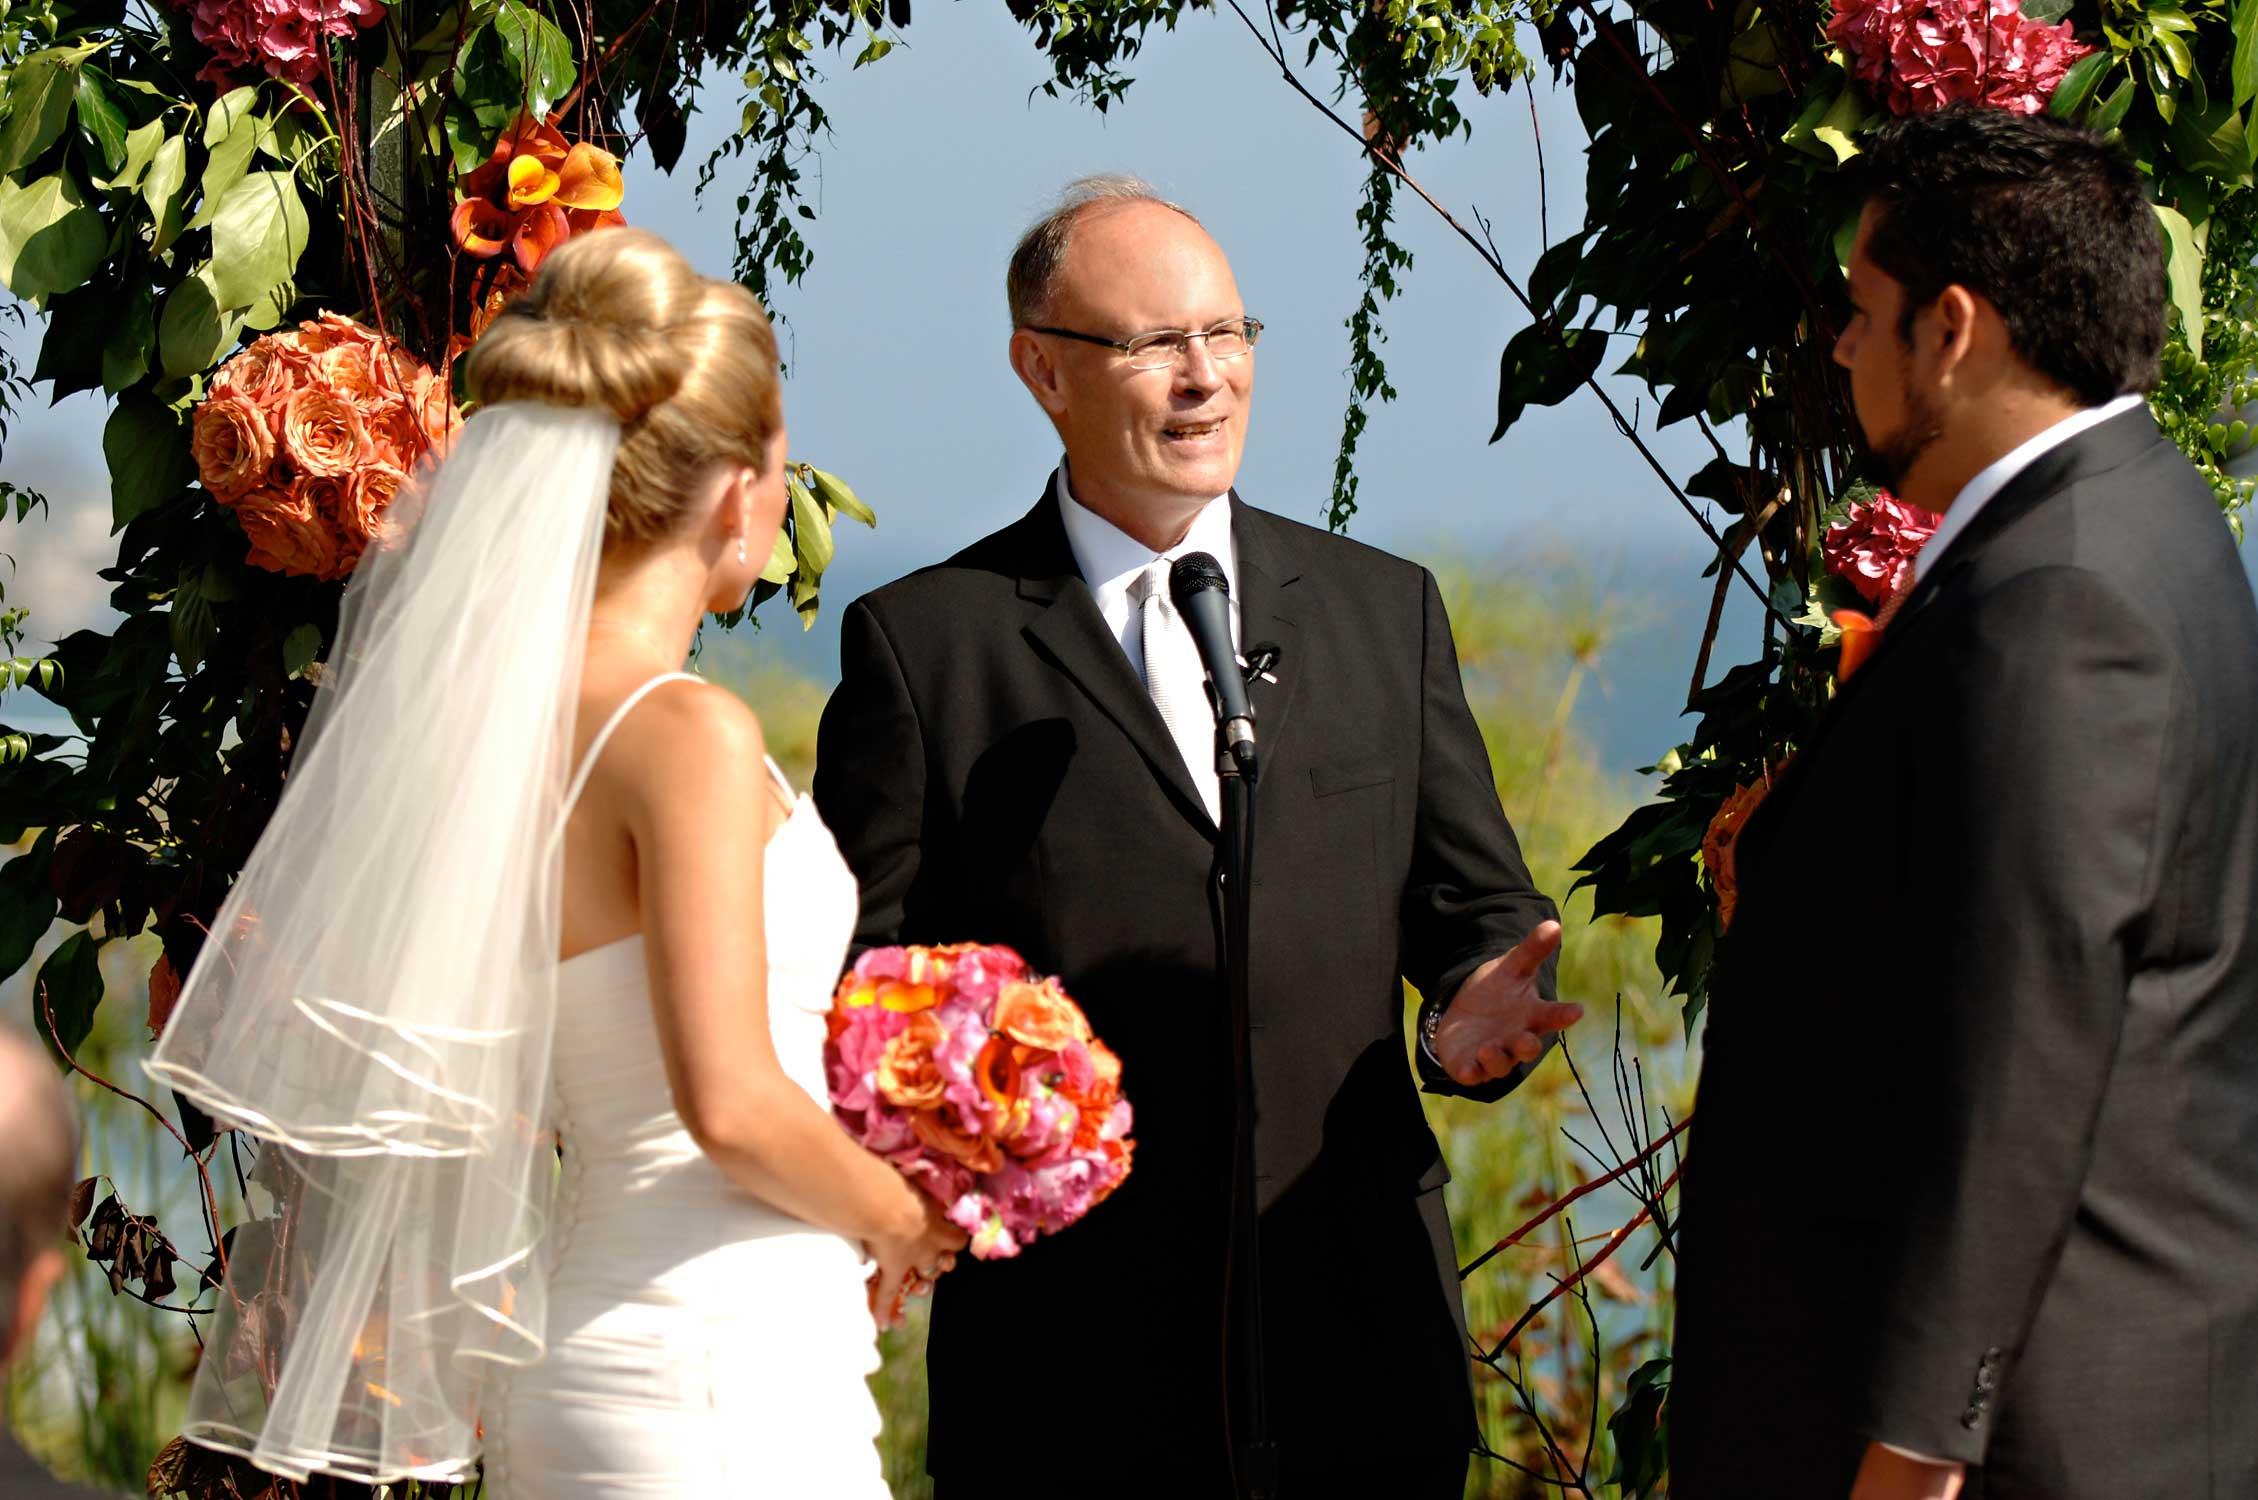 JPR Weddings - Bride and Groom